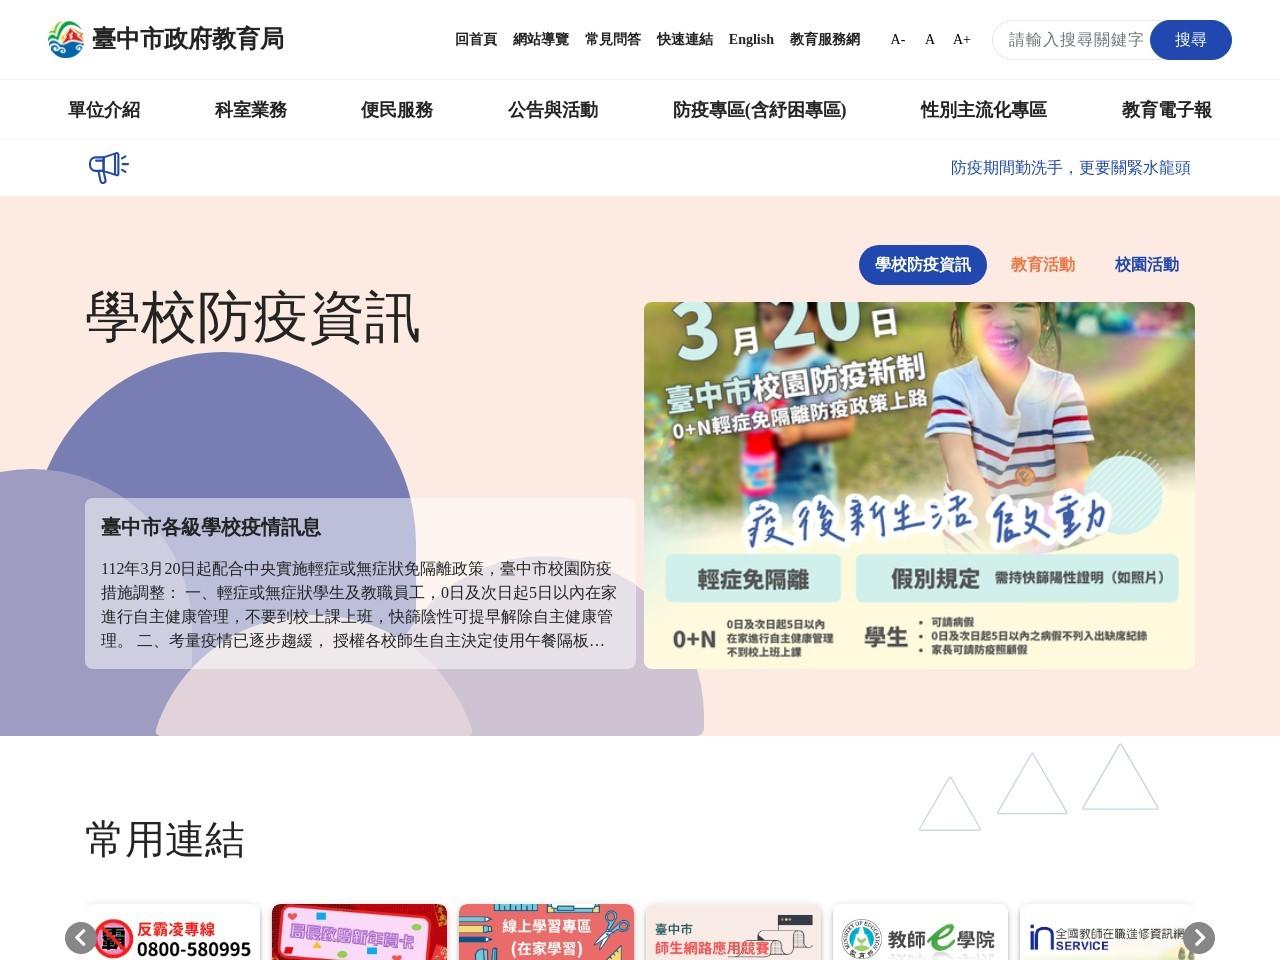 (提醒)有關中華民國第52屆世界兒童畫展國內作品臺中市徵集活動,詳如說明,請查照。